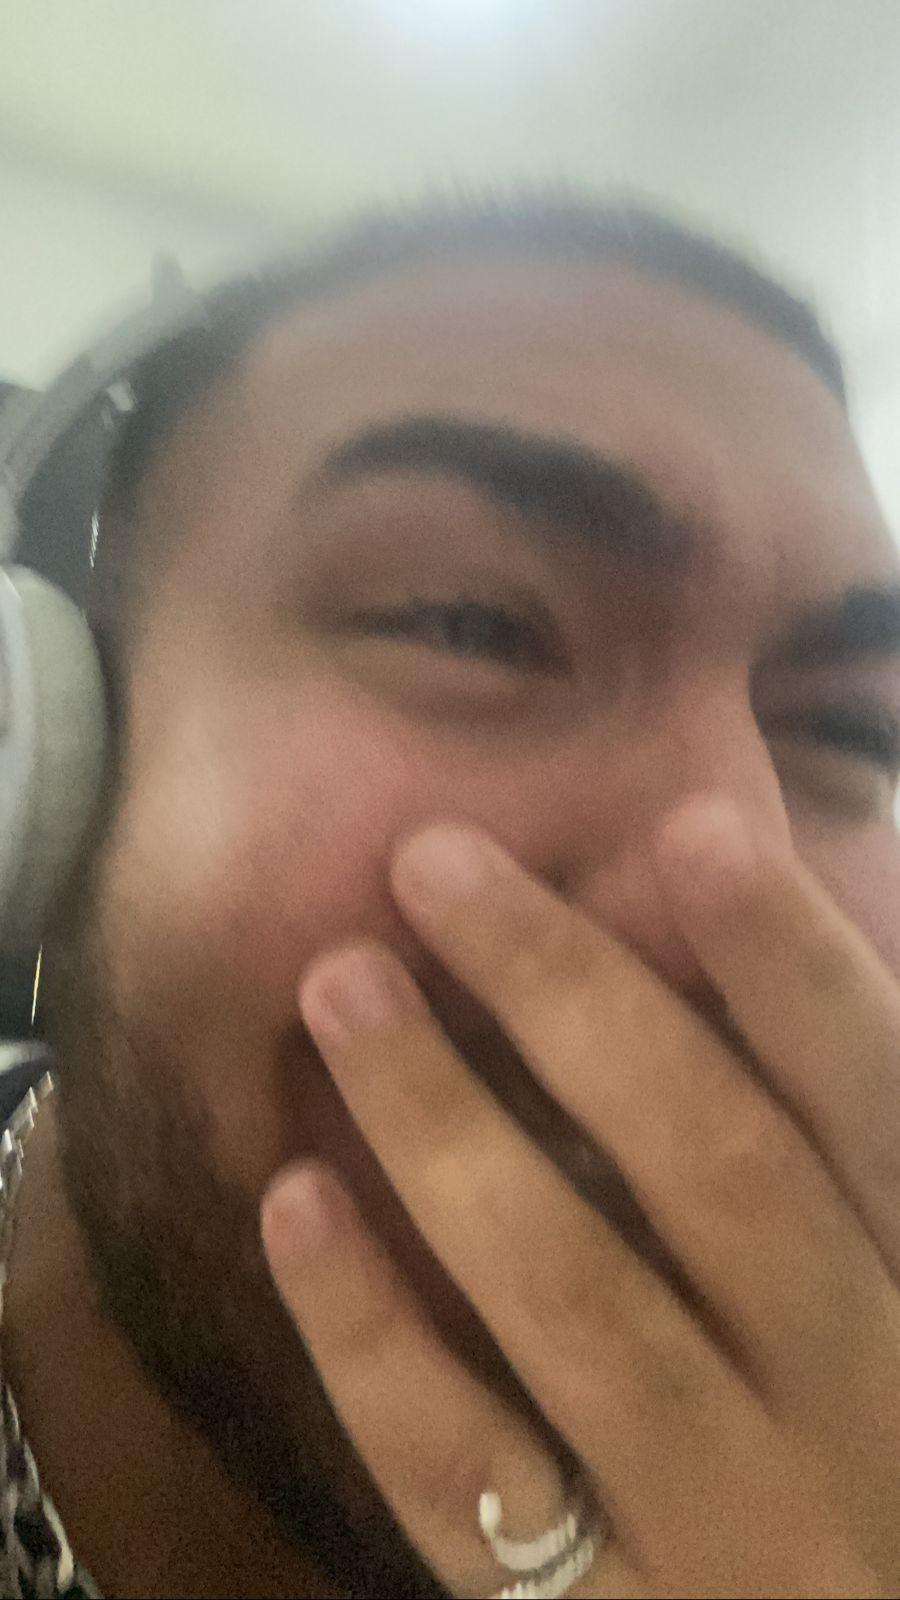 Duda Beat surpreende fã ao aparecer  em gravação de reportagem sem avisar: 'Estou tremendo'; veja vídeo